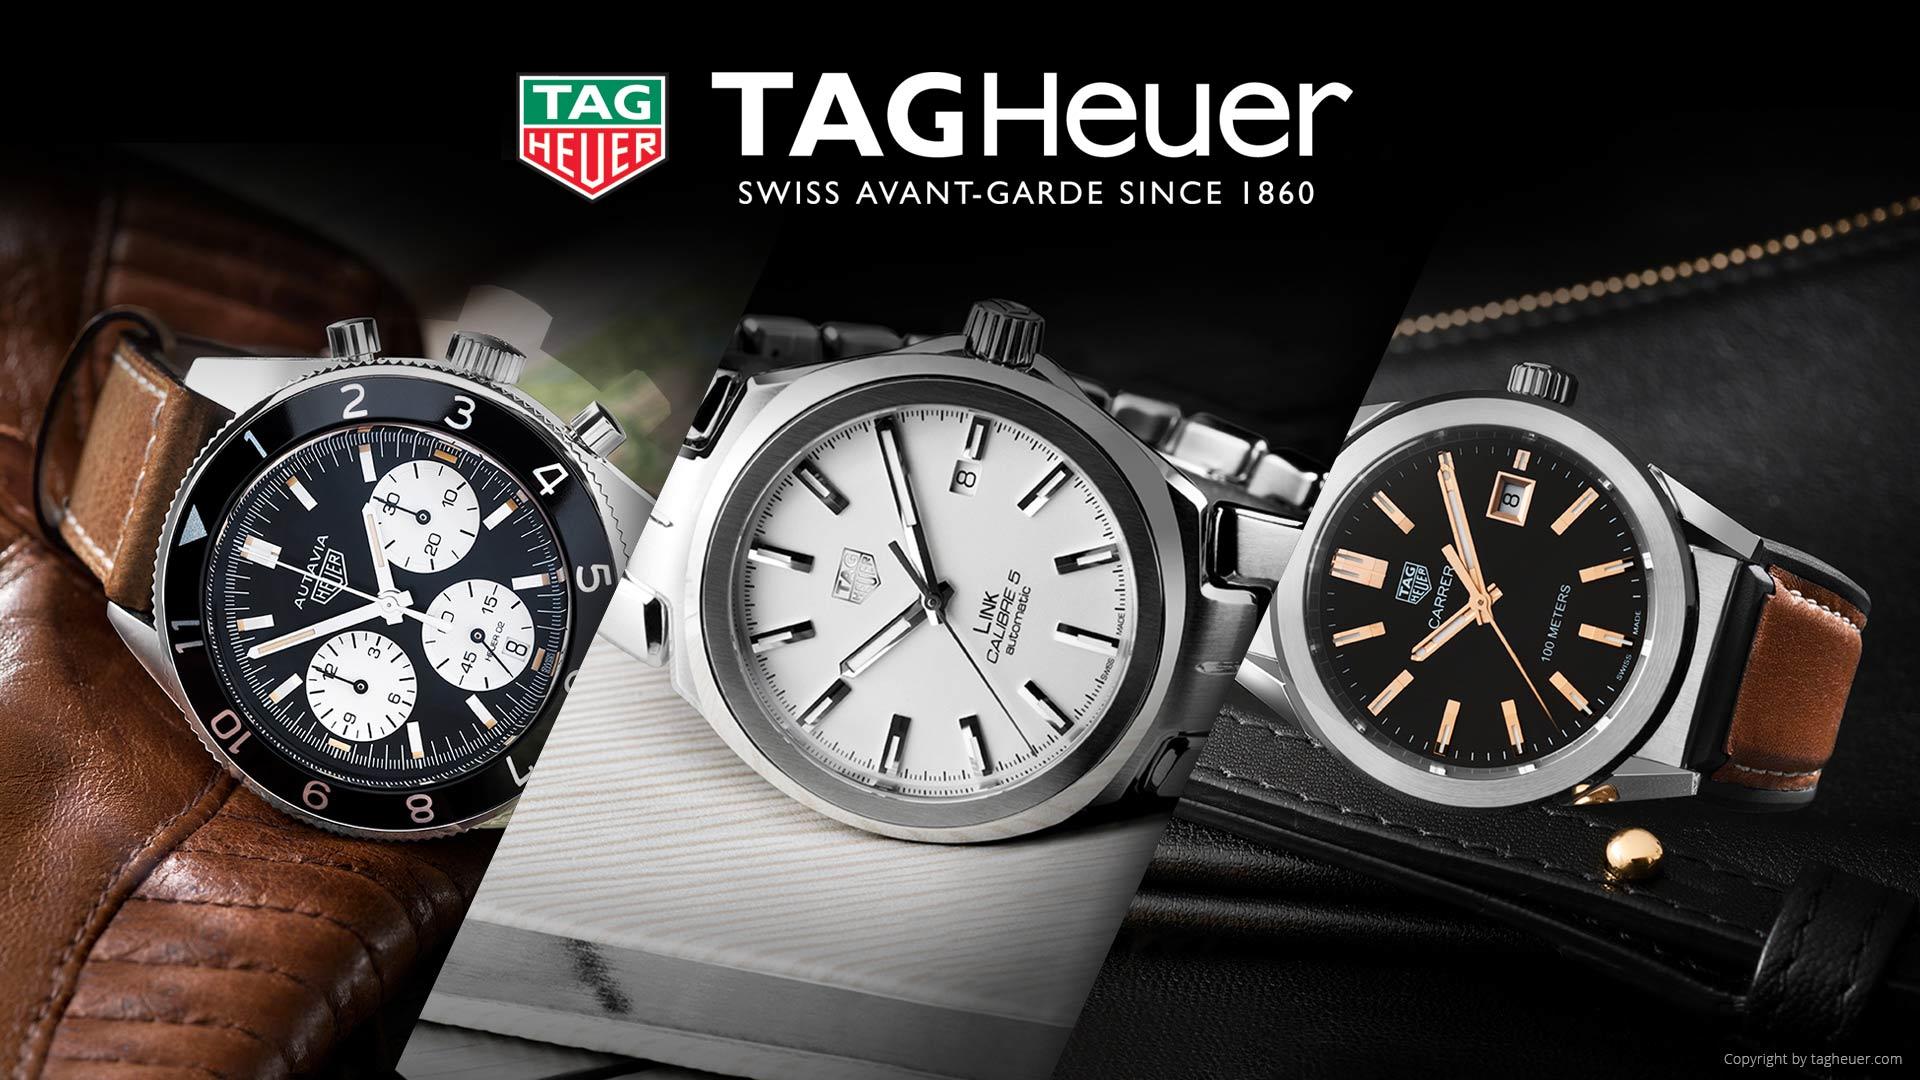 tag-heuer-luxusuhren-premium-uhrenmarke-schweiz